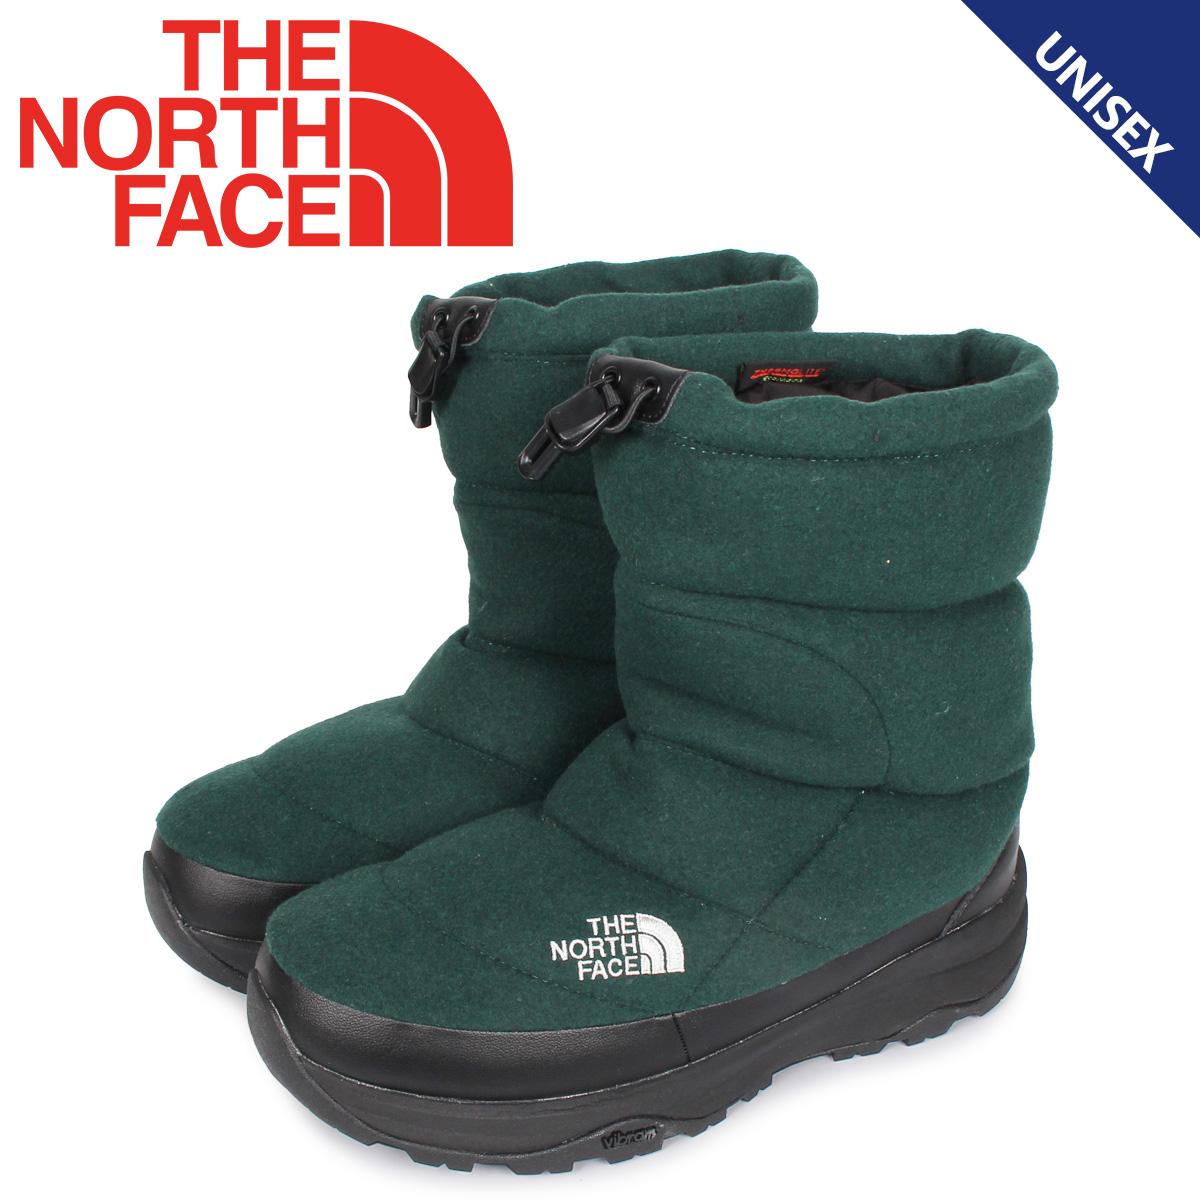 【お買い物マラソンSALE】 ノースフェイス THE NORTH FACE ヌプシ ブーティ ウール5 ブーツ ウィンターブーツ メンズ レディース NUPTSE BOOTIE WOOL 5 グリーン NF51978